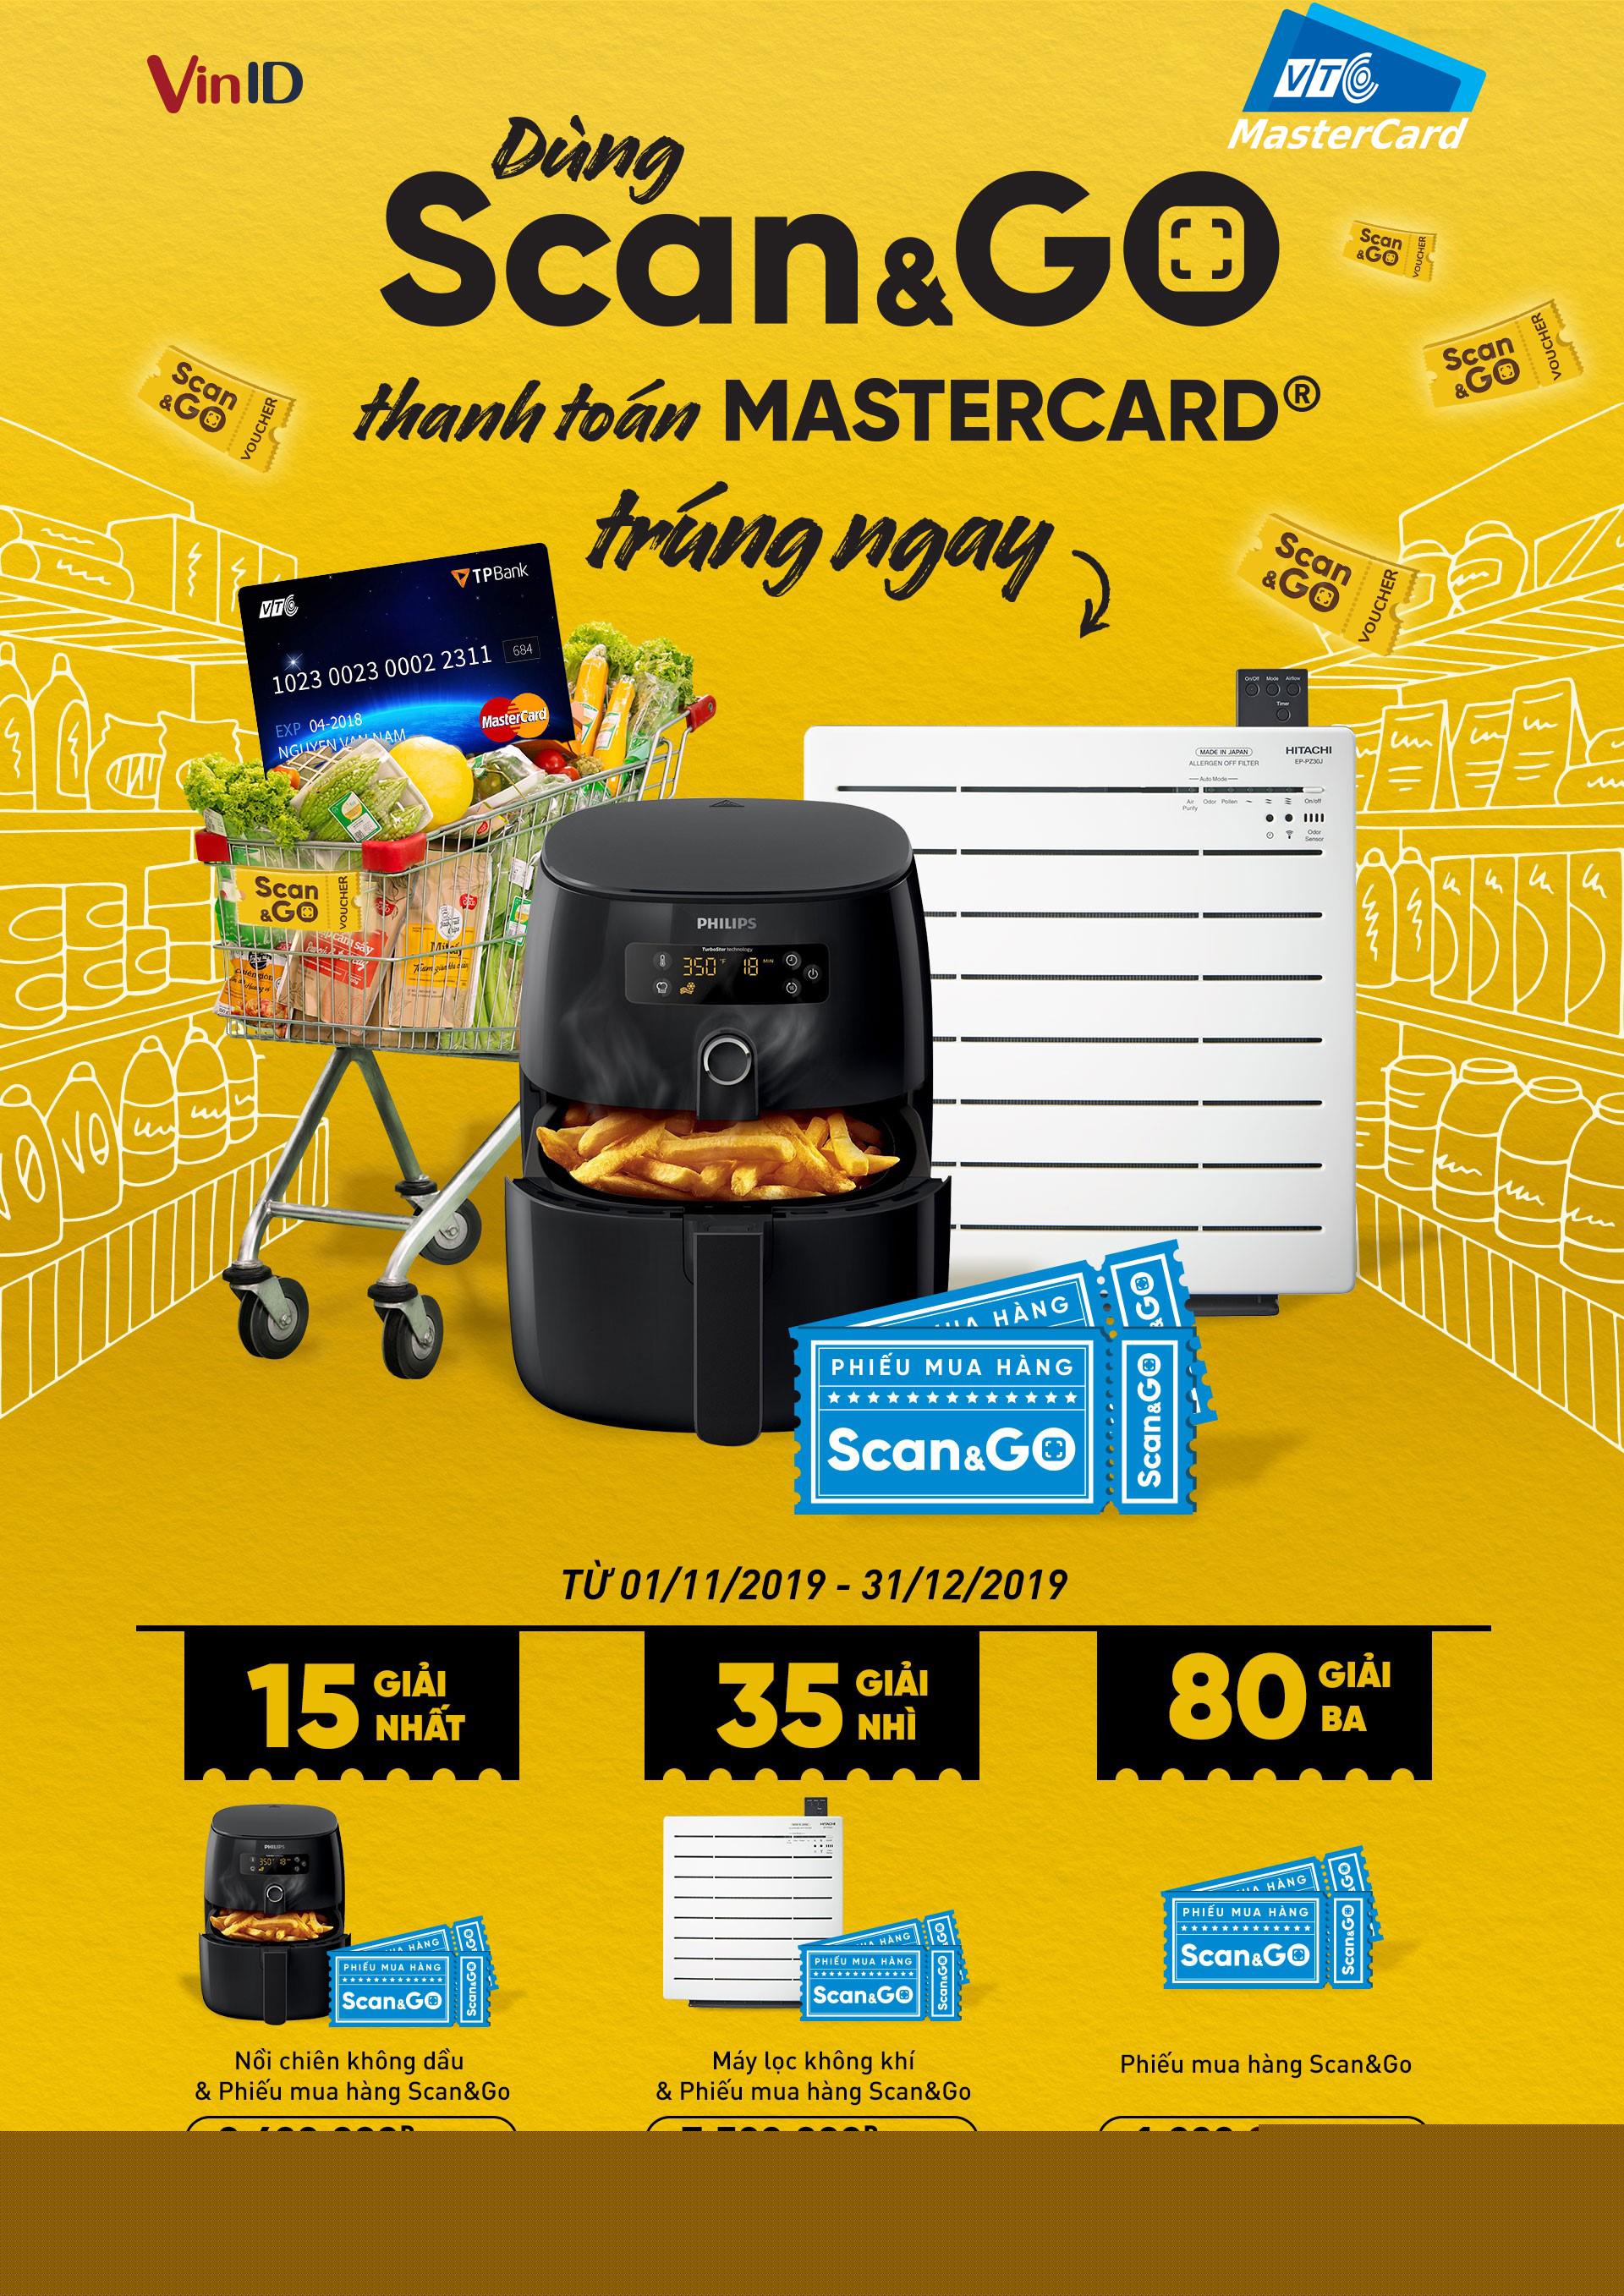 VinID VTC mastercard